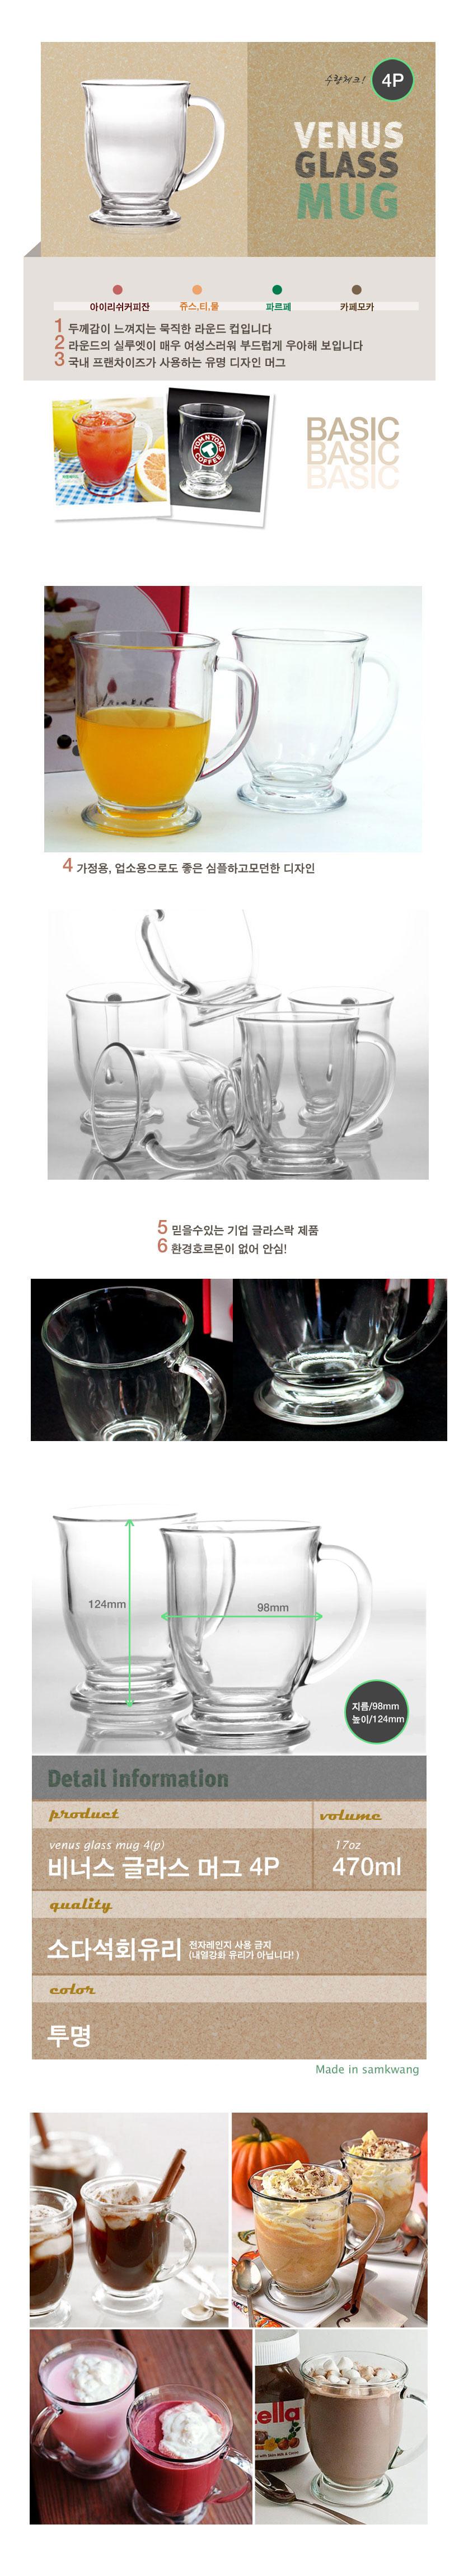 글라스락 비너스머그잔 4P - 재미있는생활, 12,000원, 머그컵, 심플머그